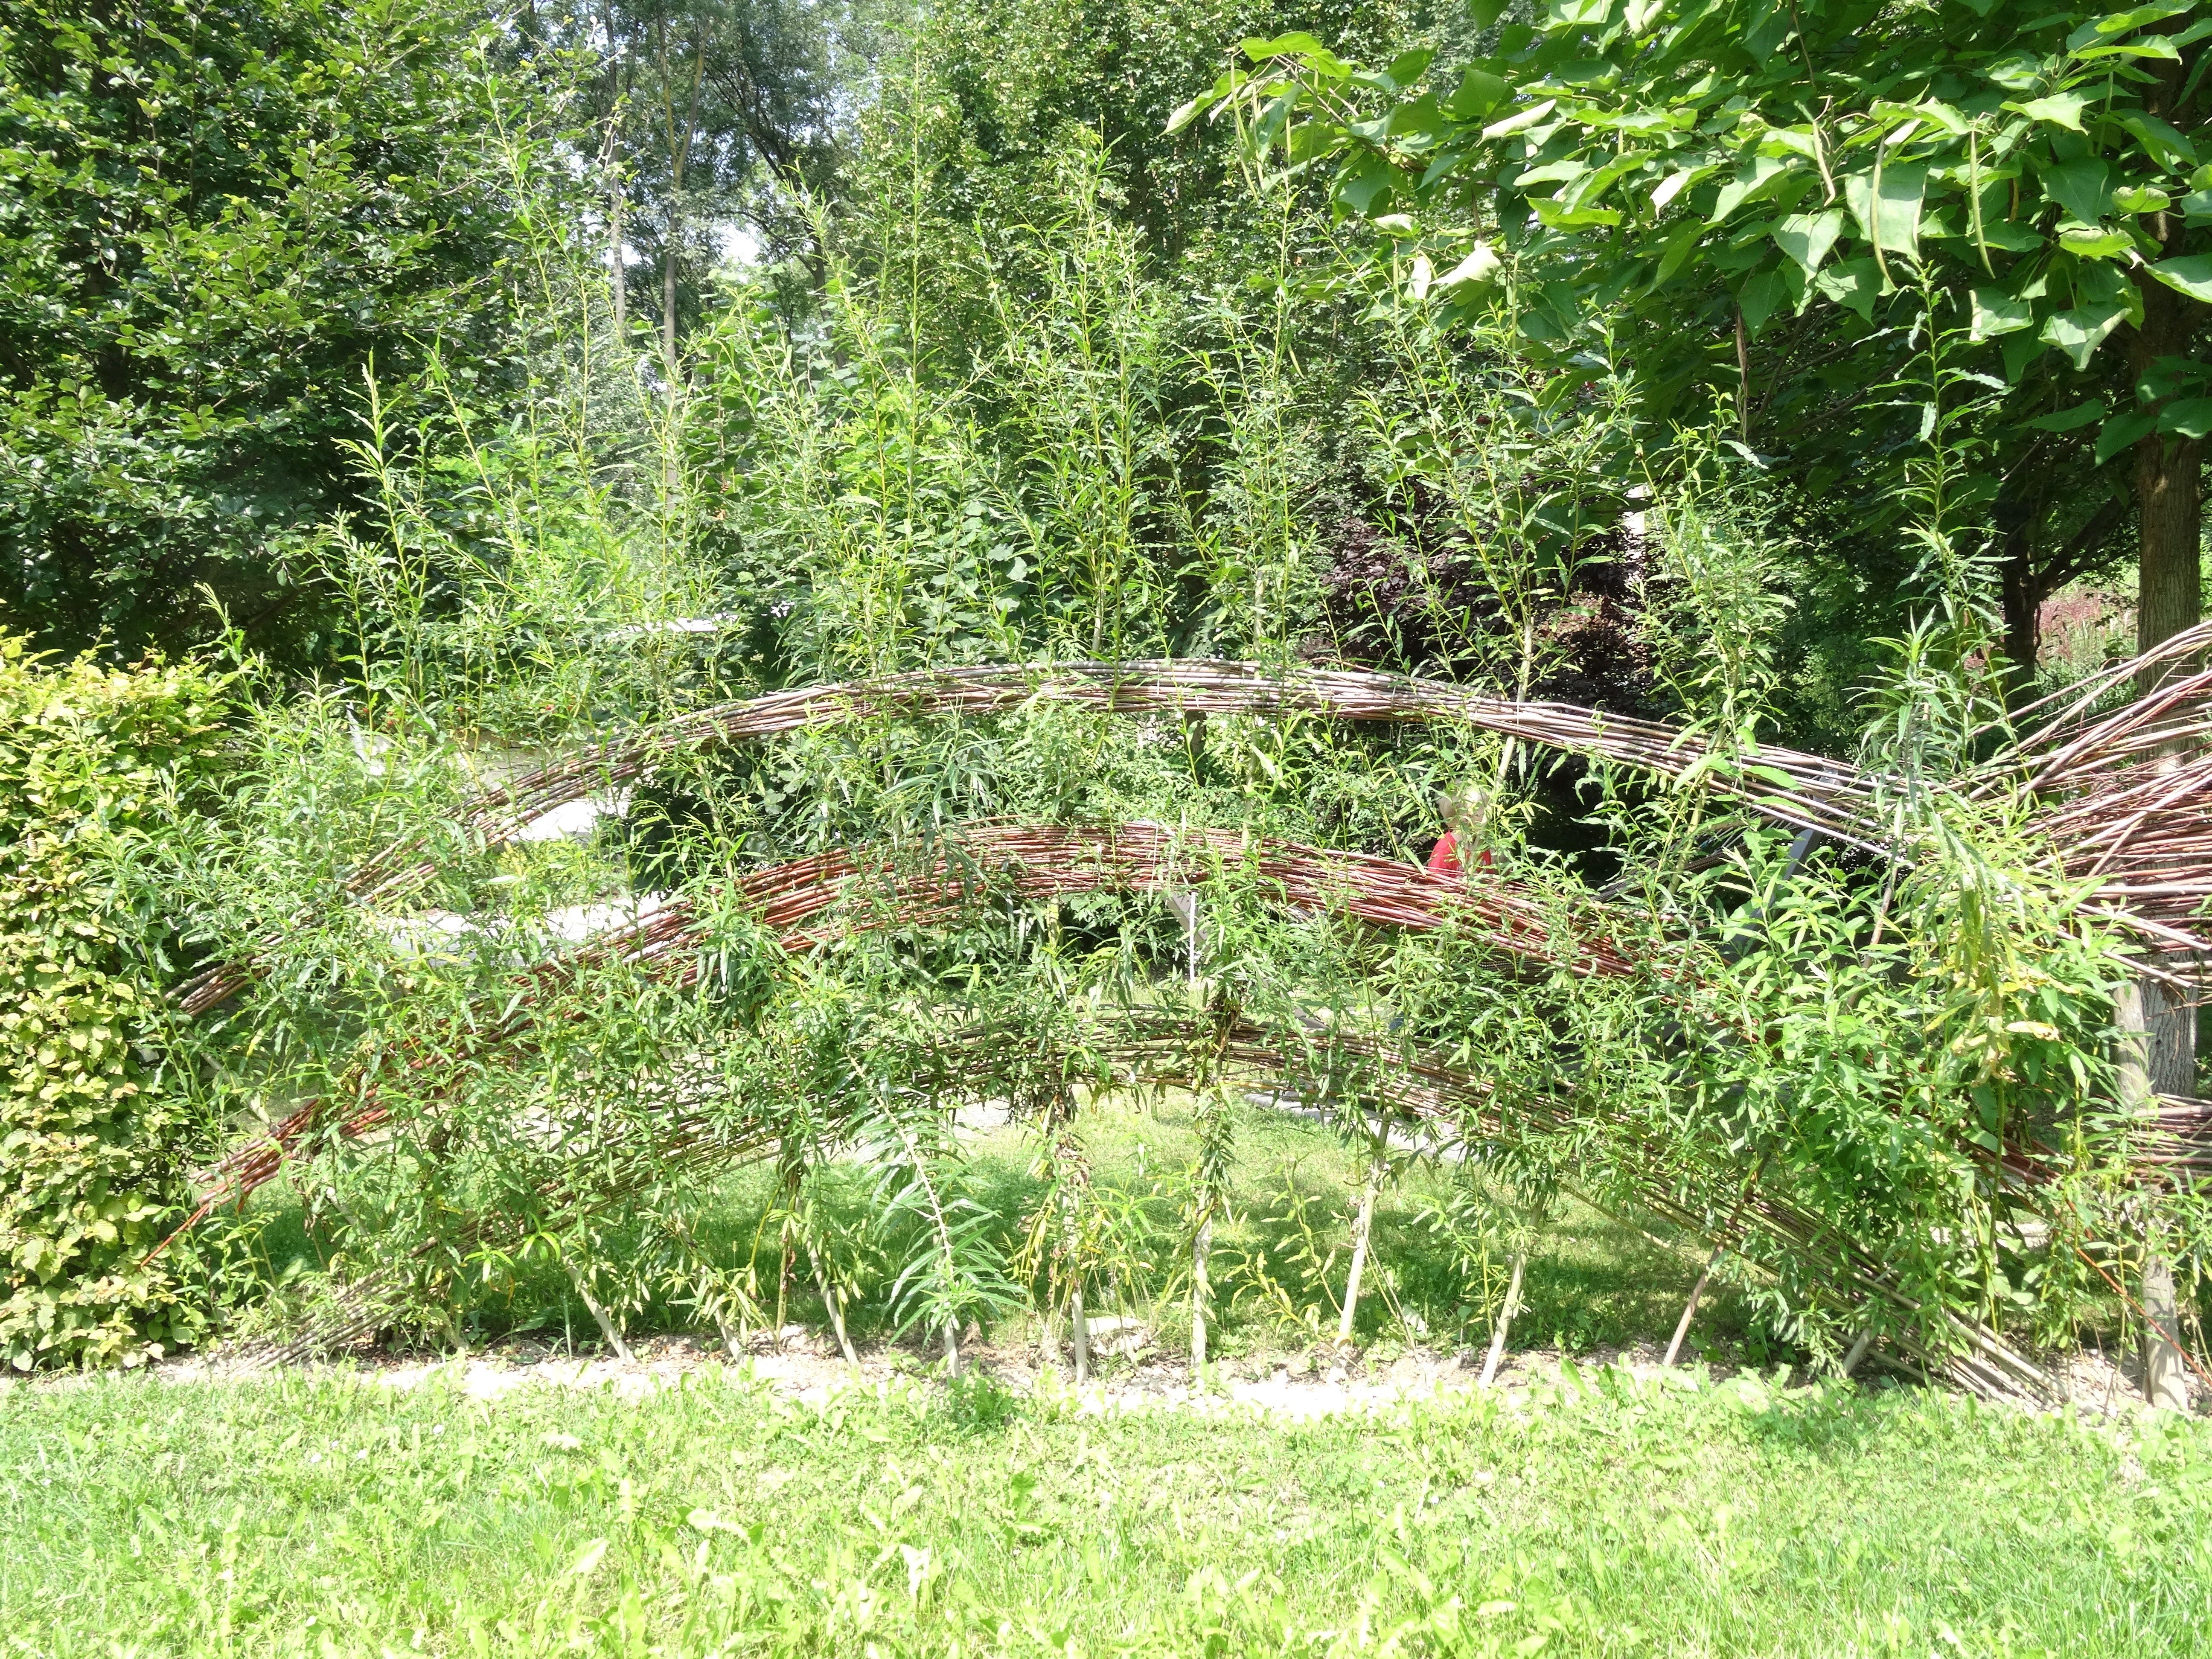 Garten Tulln Sichtschutz Weide Garten Pinterest